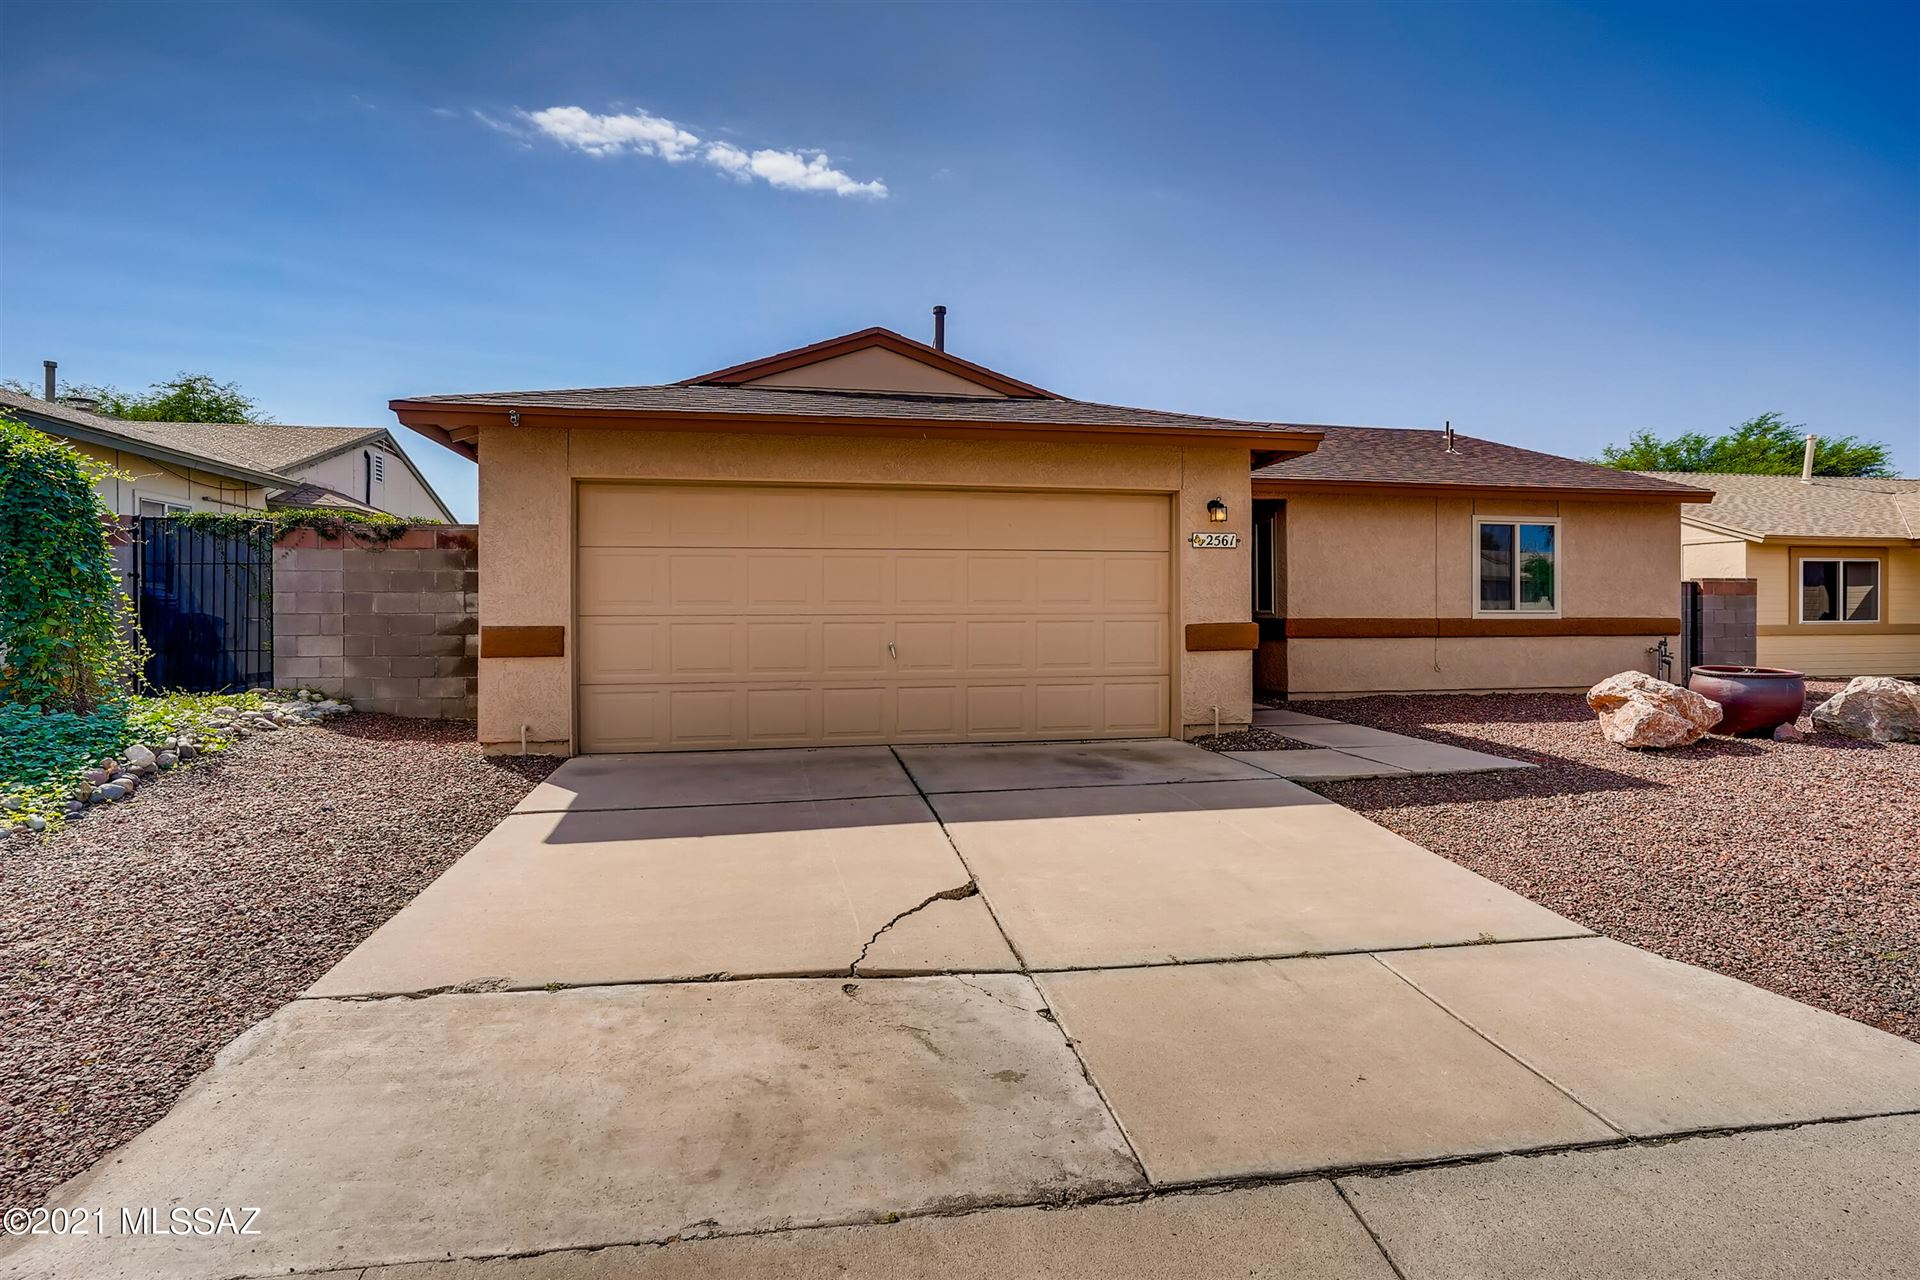 2561 W Whisbrook Lane, Tucson, AZ 85741 - #: 22125891